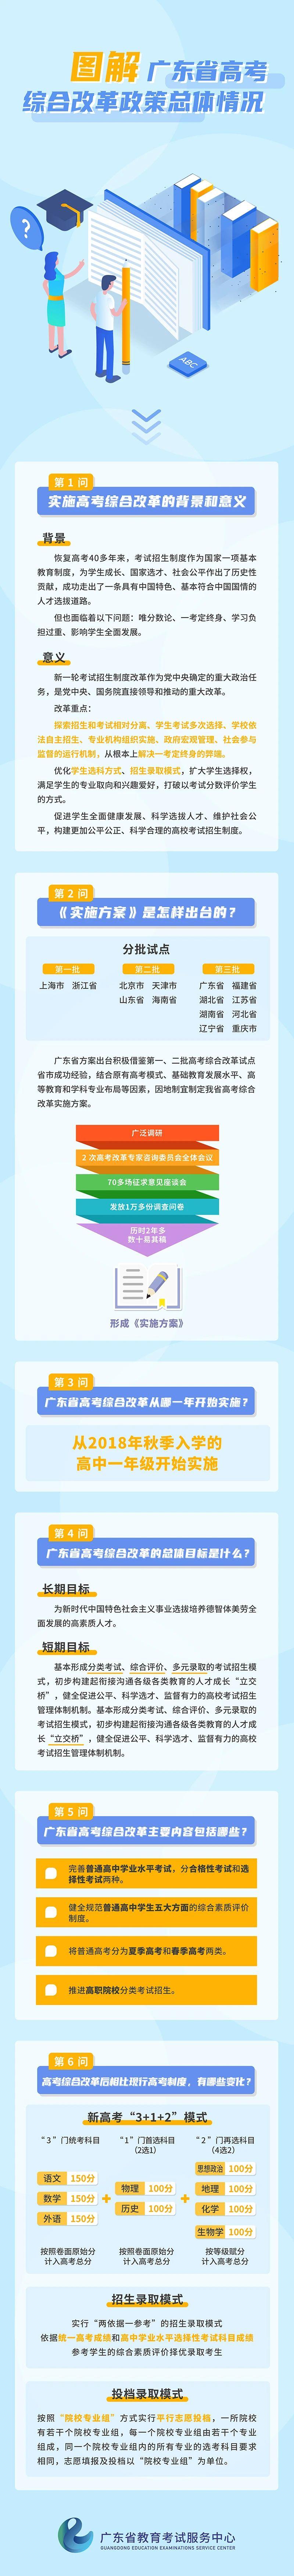 圖解廣東省高考綜合改革政策總體情況(一)